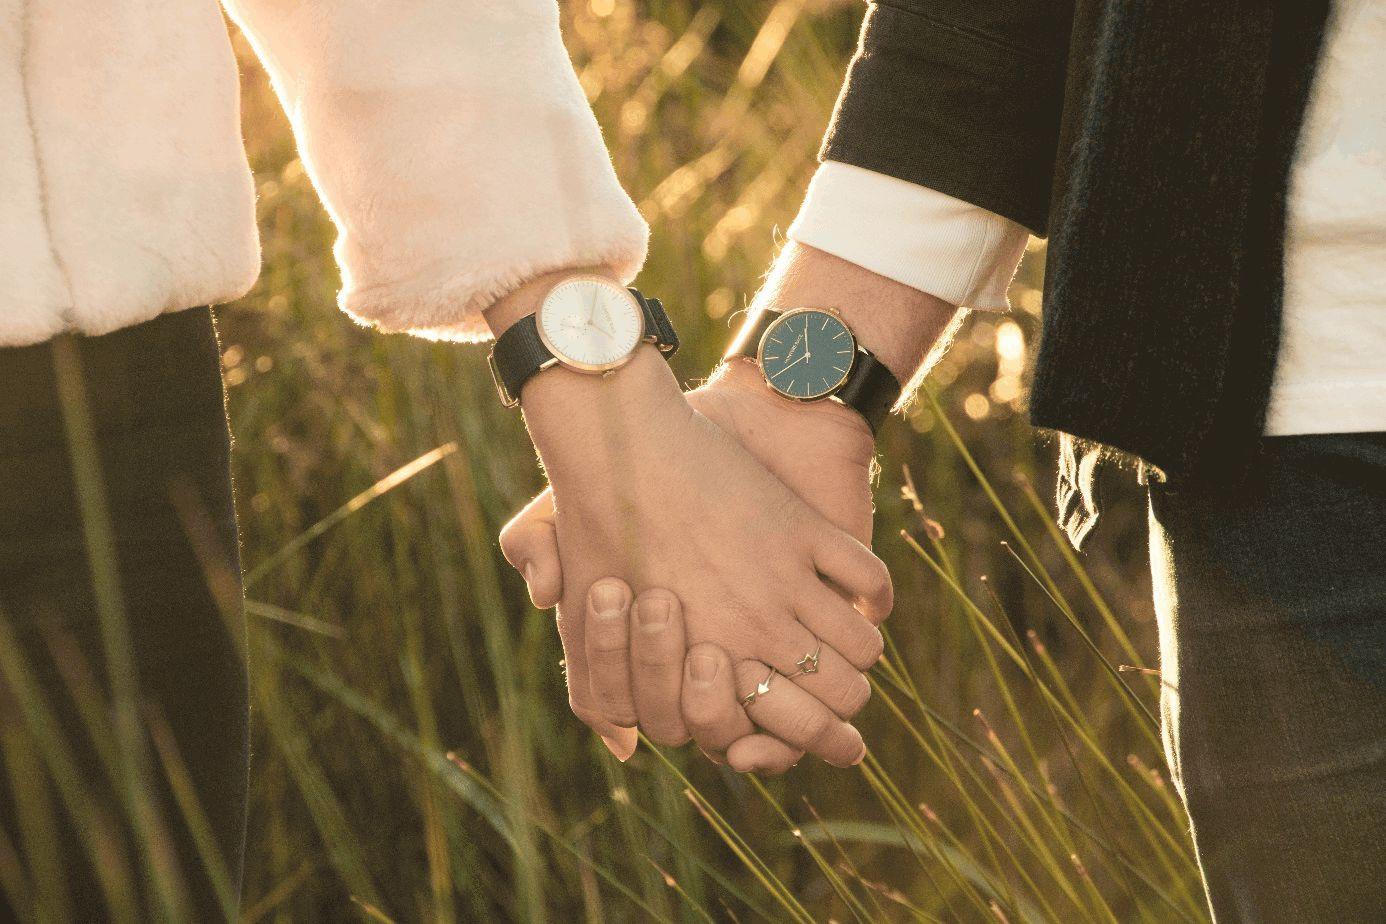 Paar vor dem Hintergrund sonnenbeschienener Gräser hält sich an den Händen.